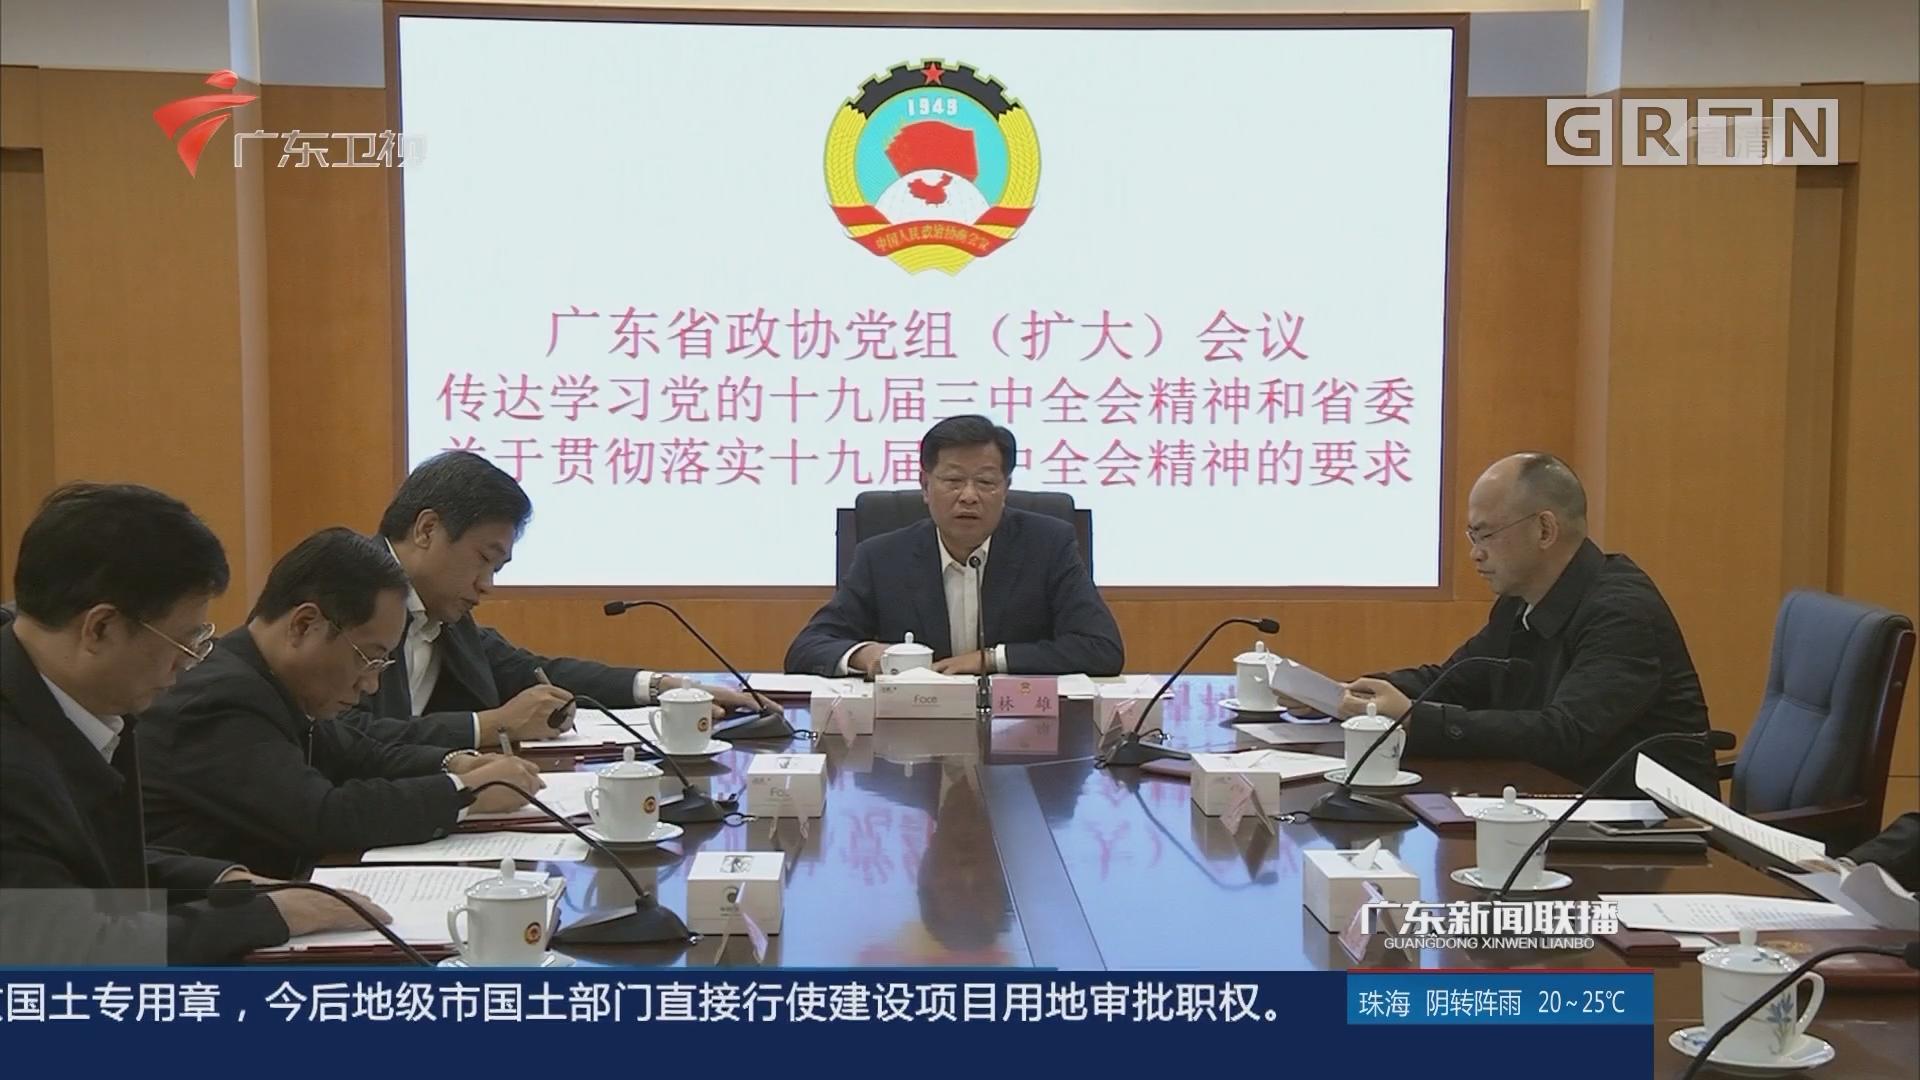 为广东深化机构改革积极建言献策 贡献力量